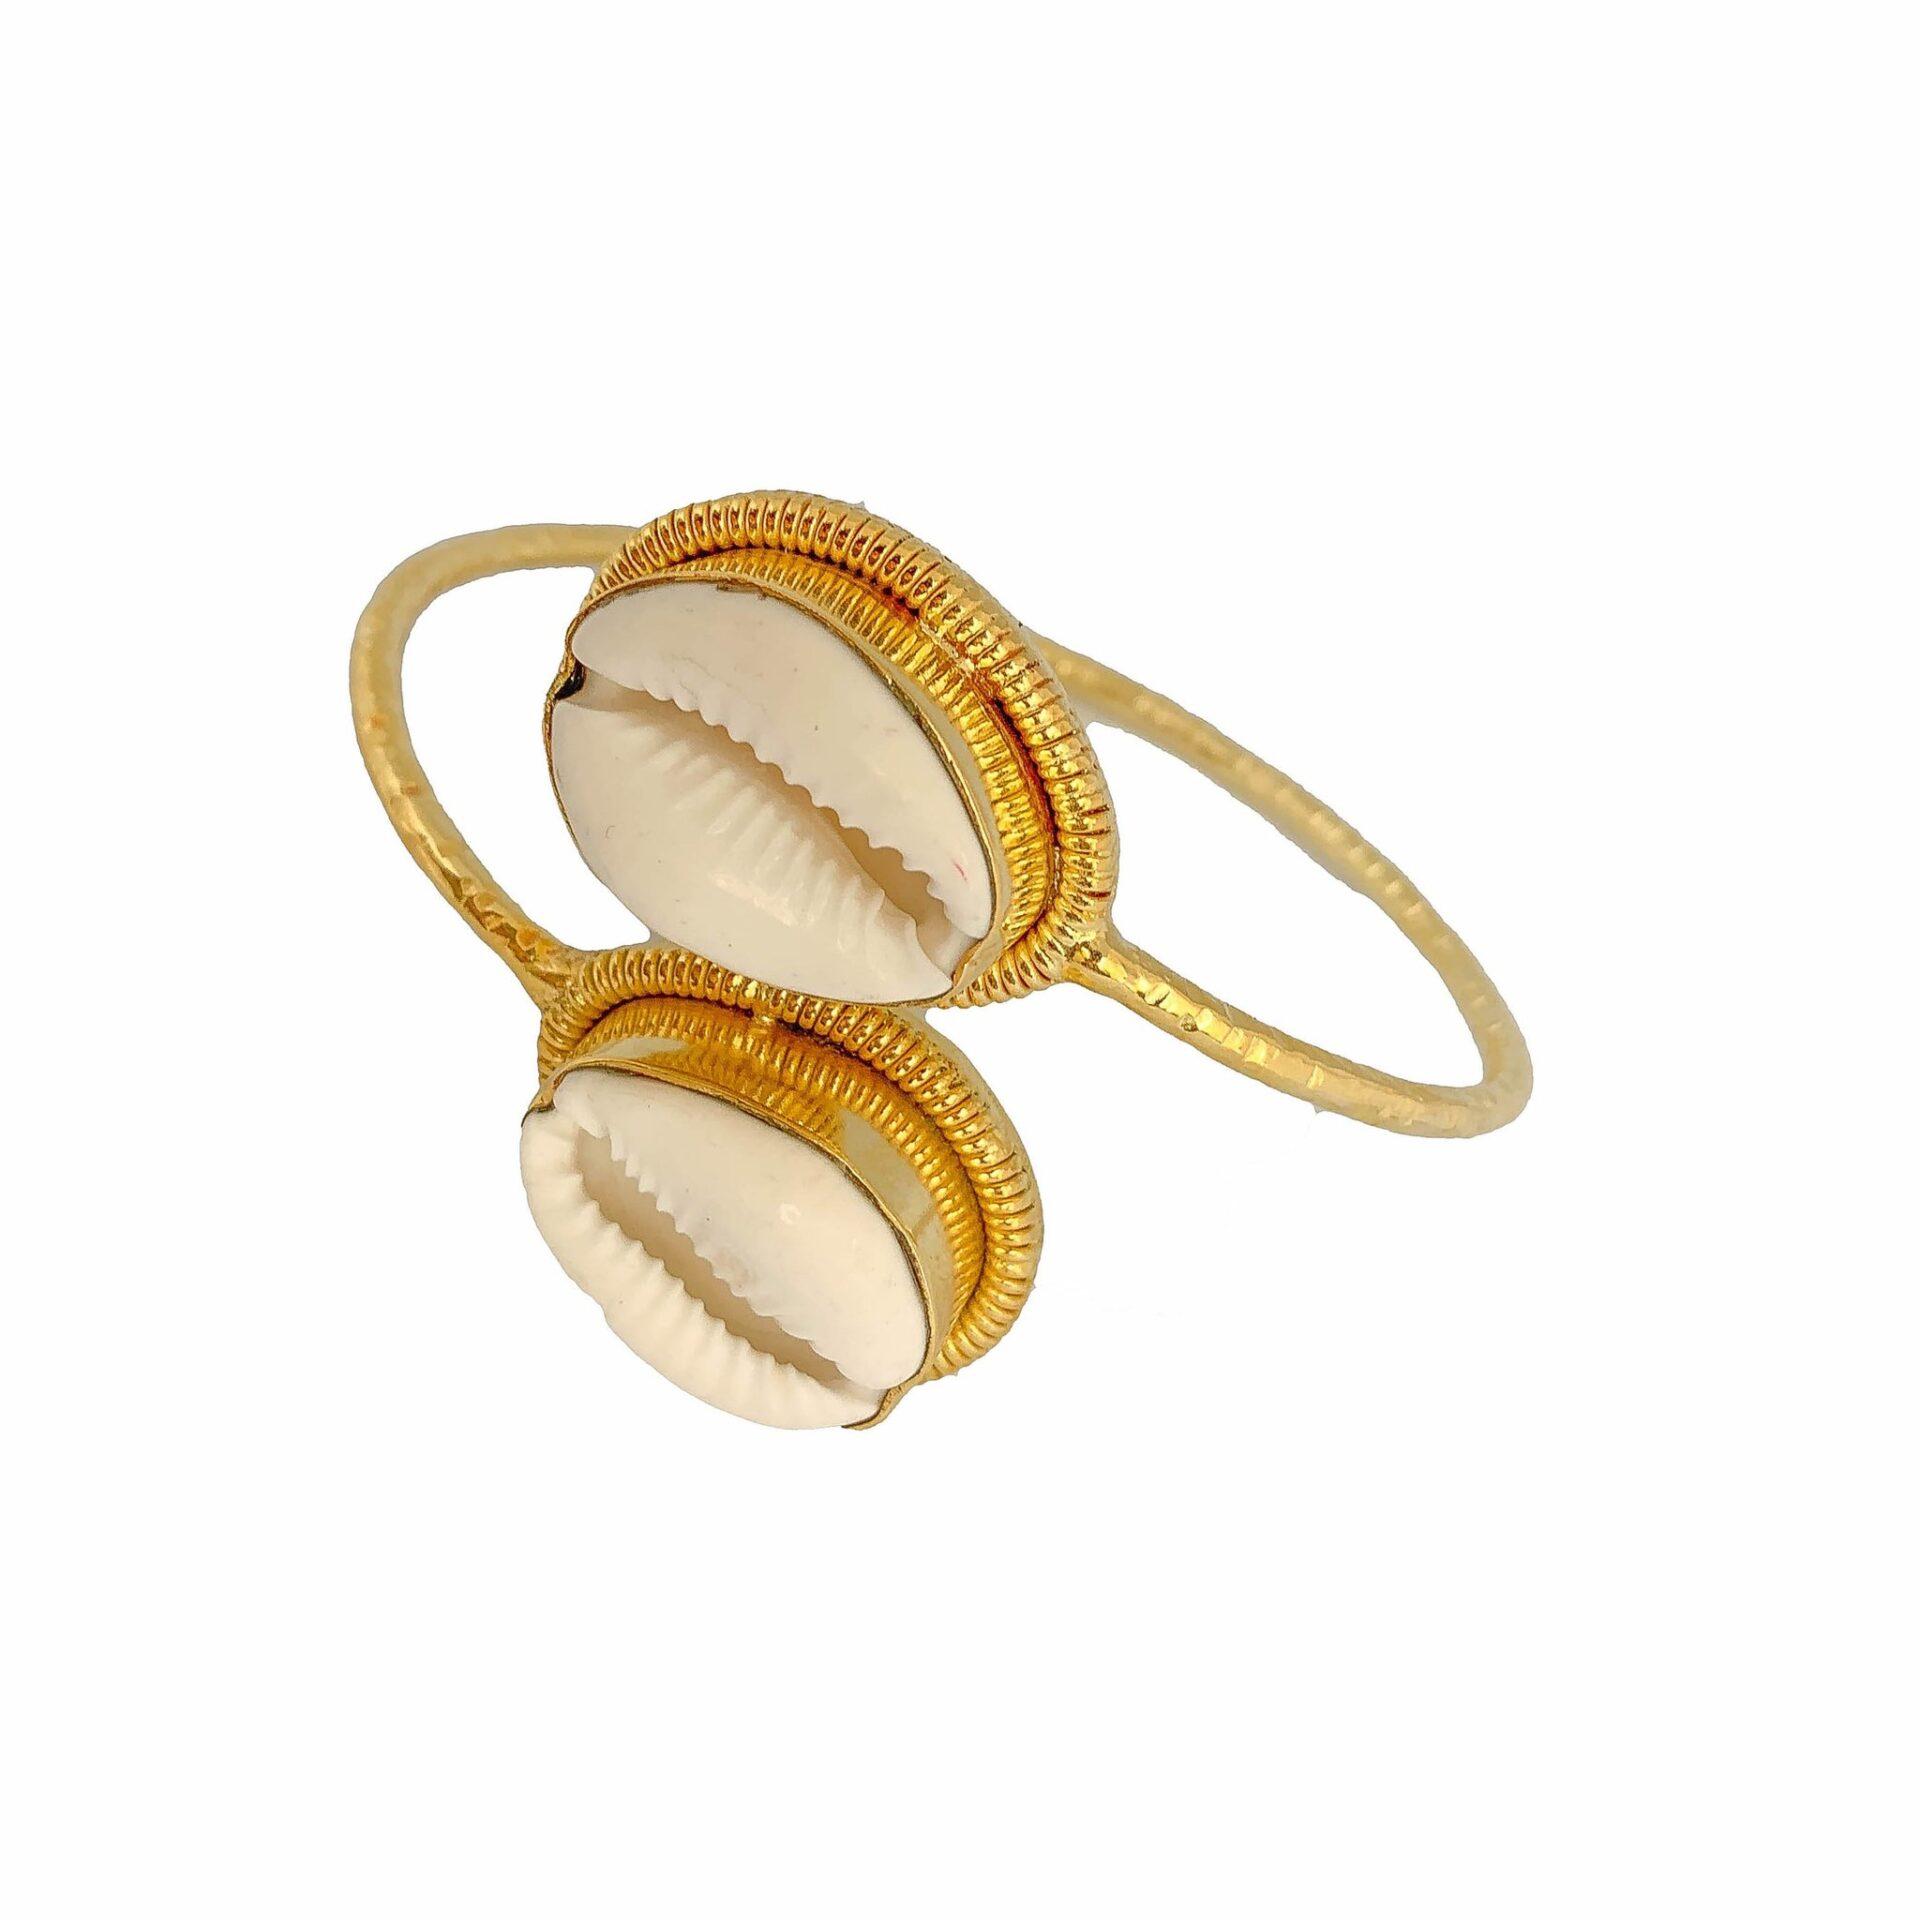 Tanya litkovska Women's Shell Bangle Bracelet